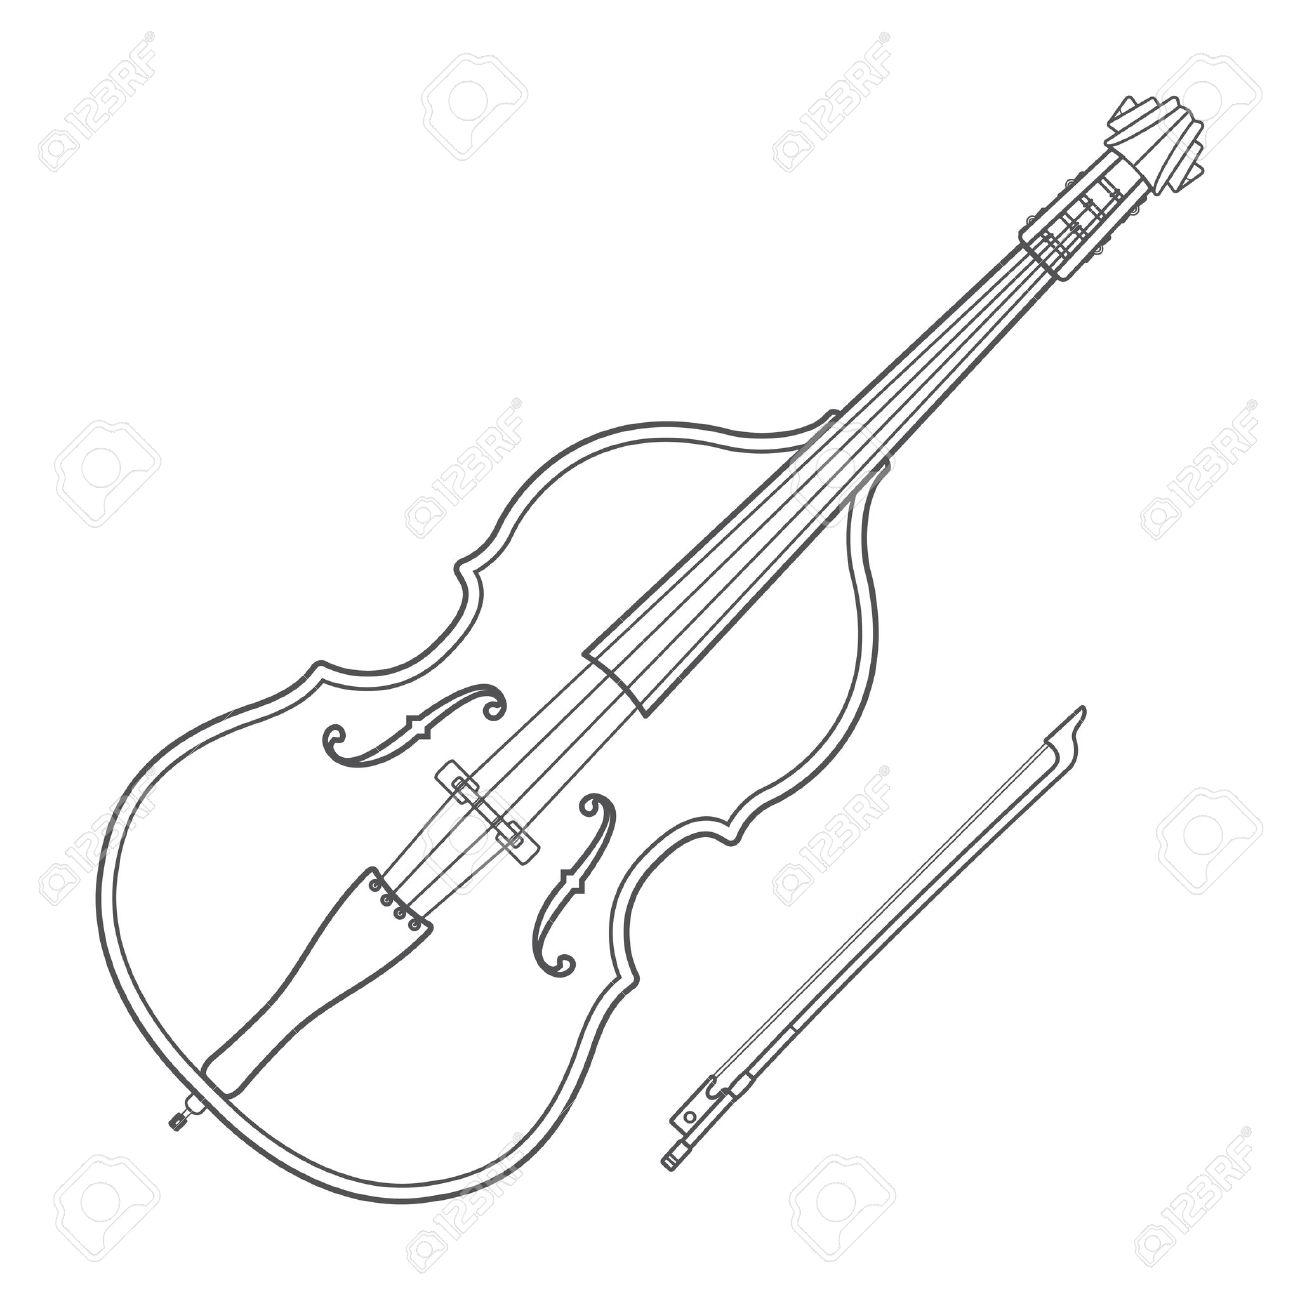 Violin Bow Drawing At Getdrawings